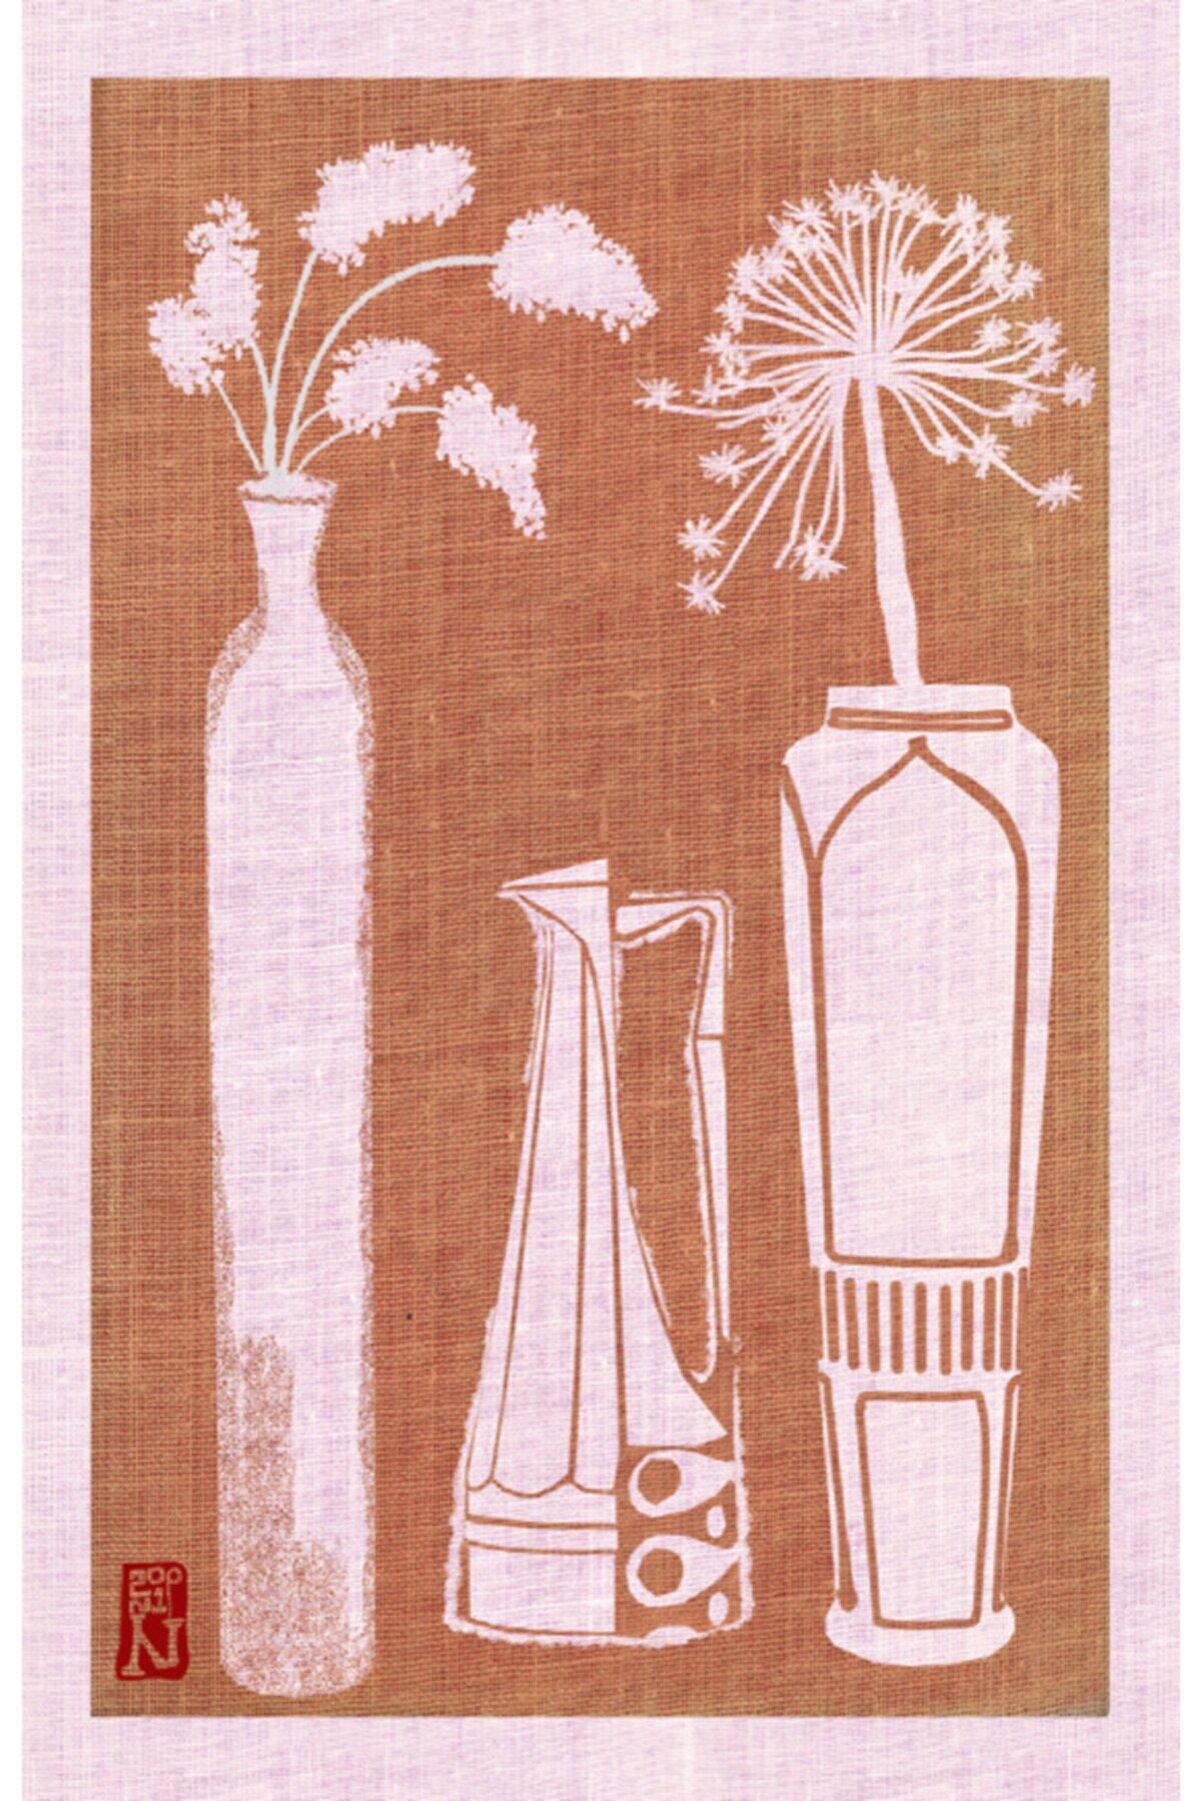 Nilol Print Simple Pleasures, 18x28, Dijital Illüstrasyon, Fine Art Baskı